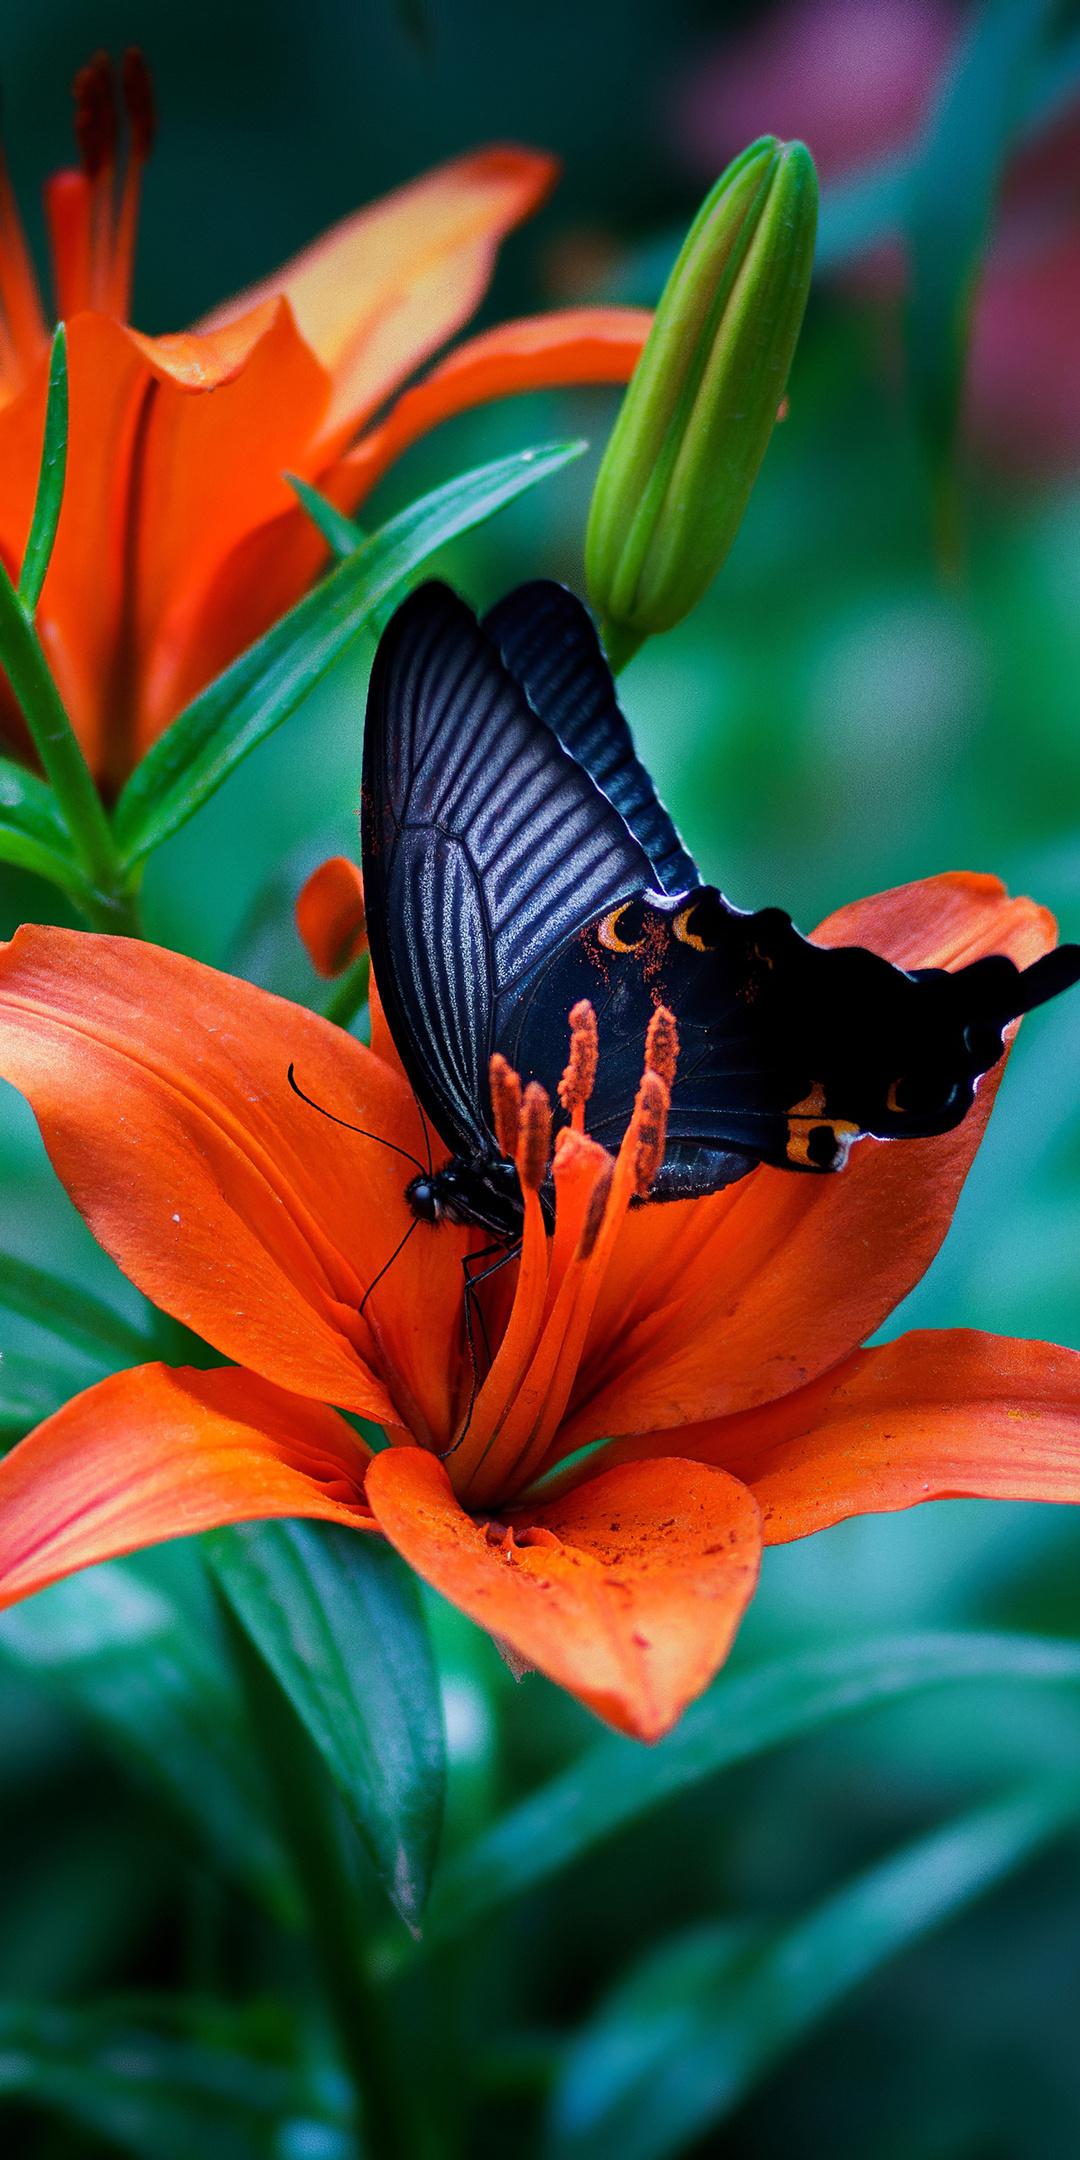 butterfly-macro-4k-6k.jpg